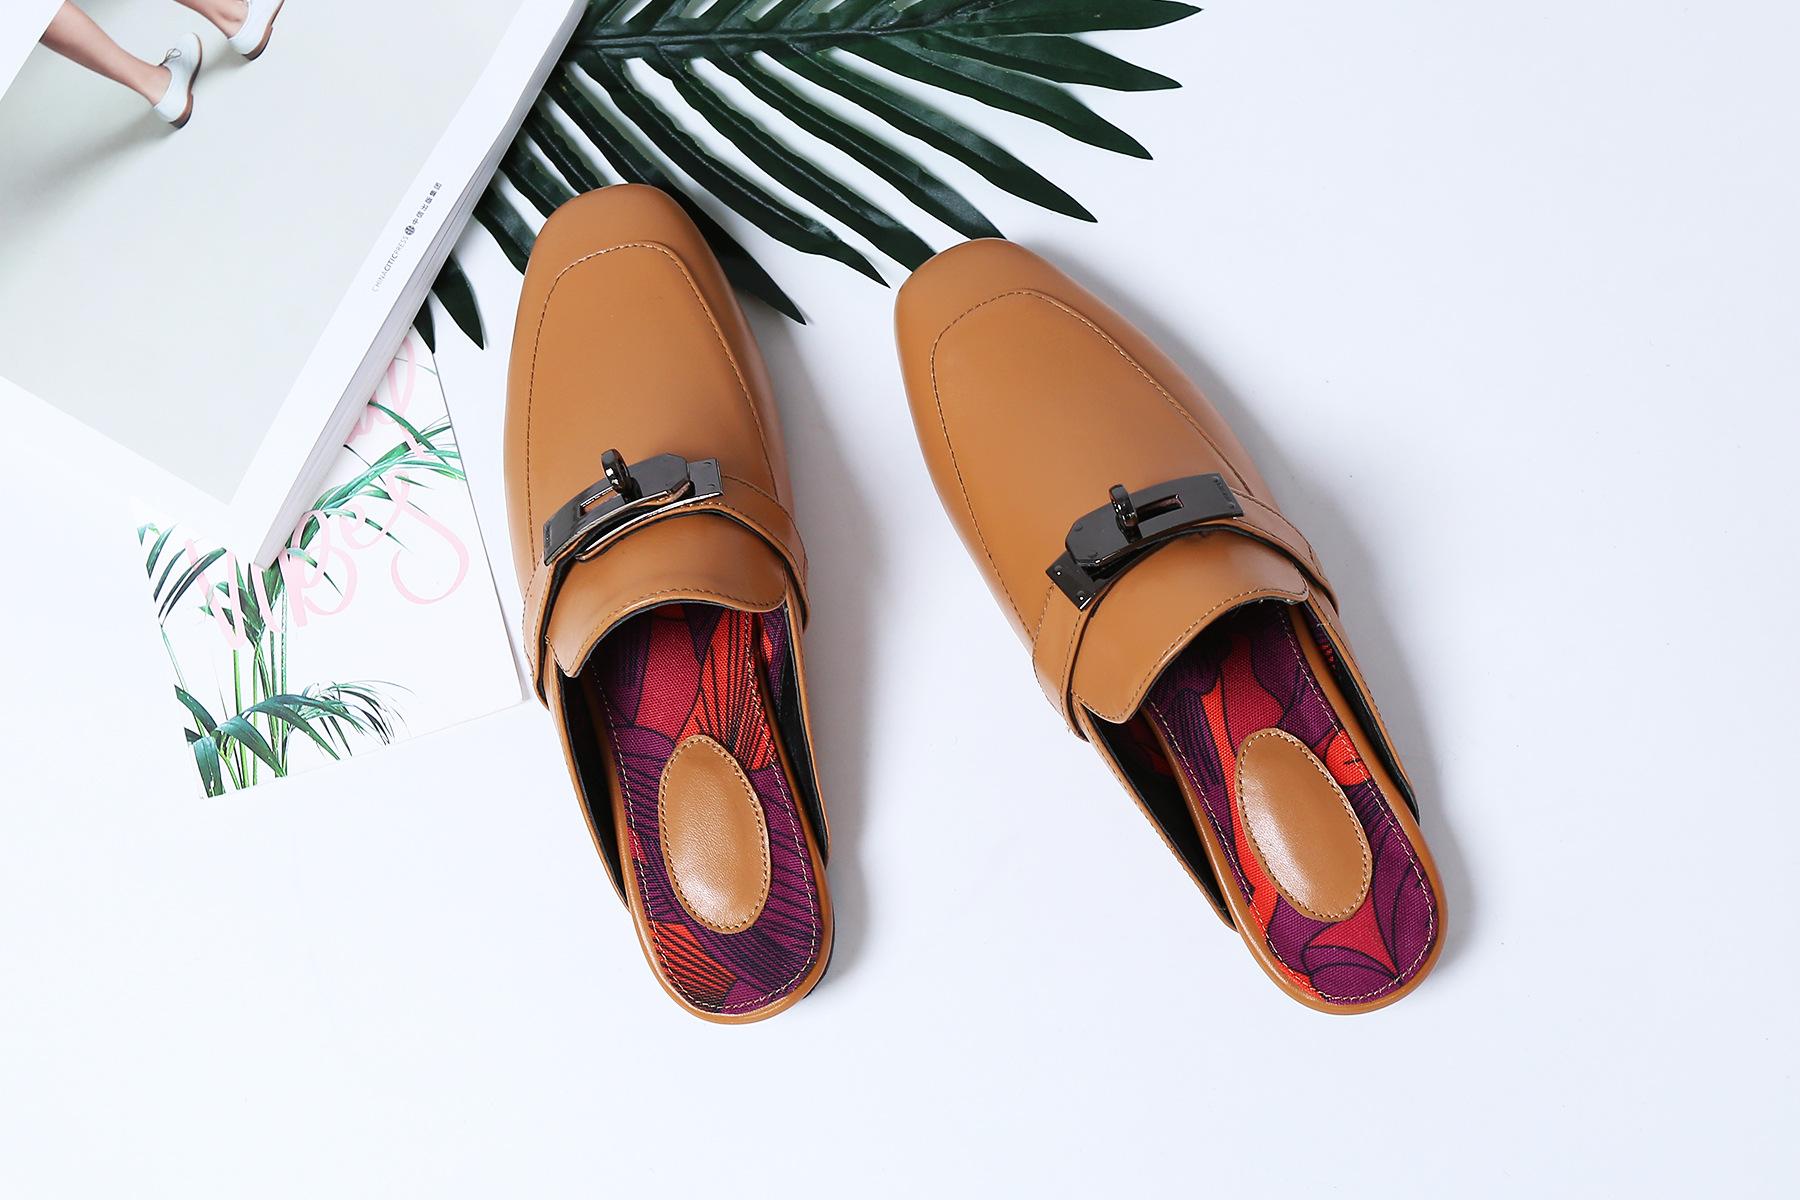 รองเท้าหนังแกะ Kelly style Brown